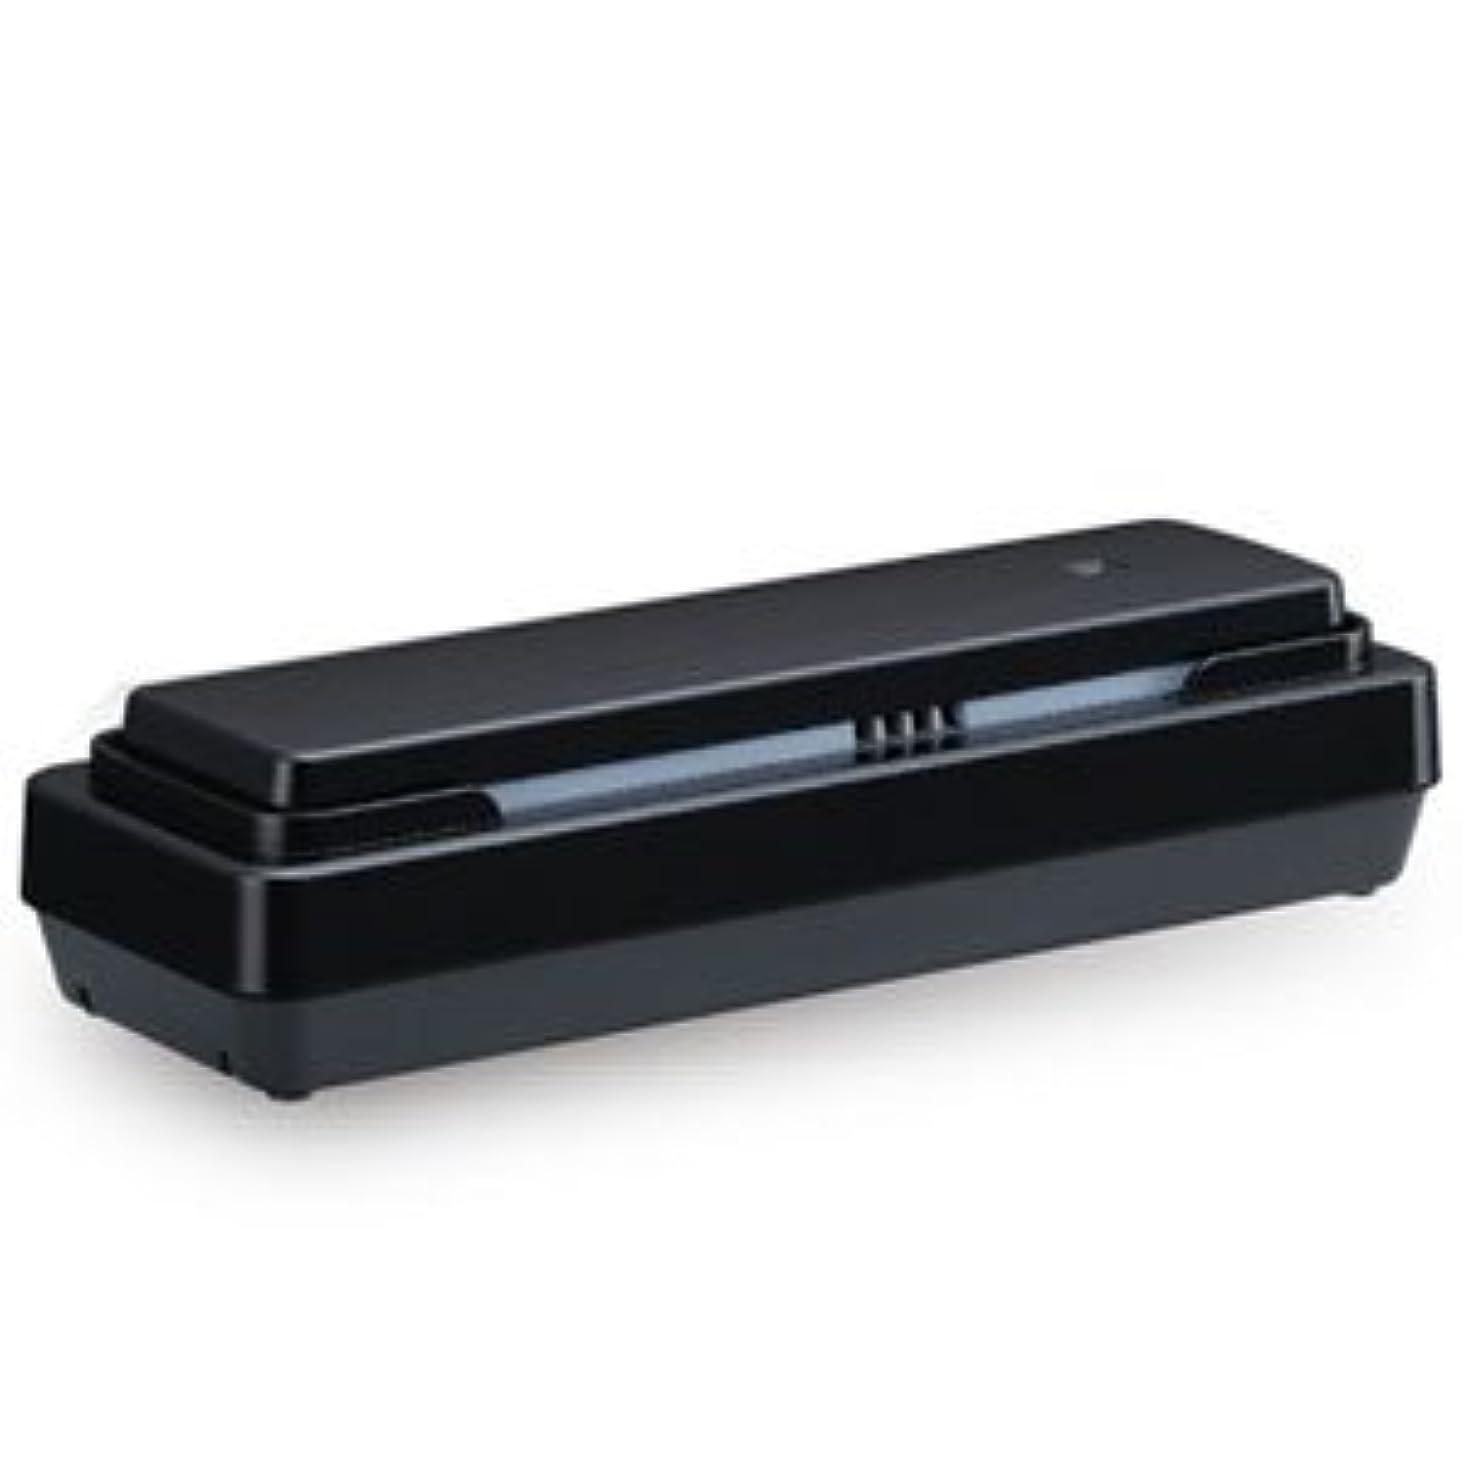 乱すクレタ独立したPioneer デジタルコードレス電話増設子機 TF-FV2000シリーズ用 ブラック TF-DK200-K